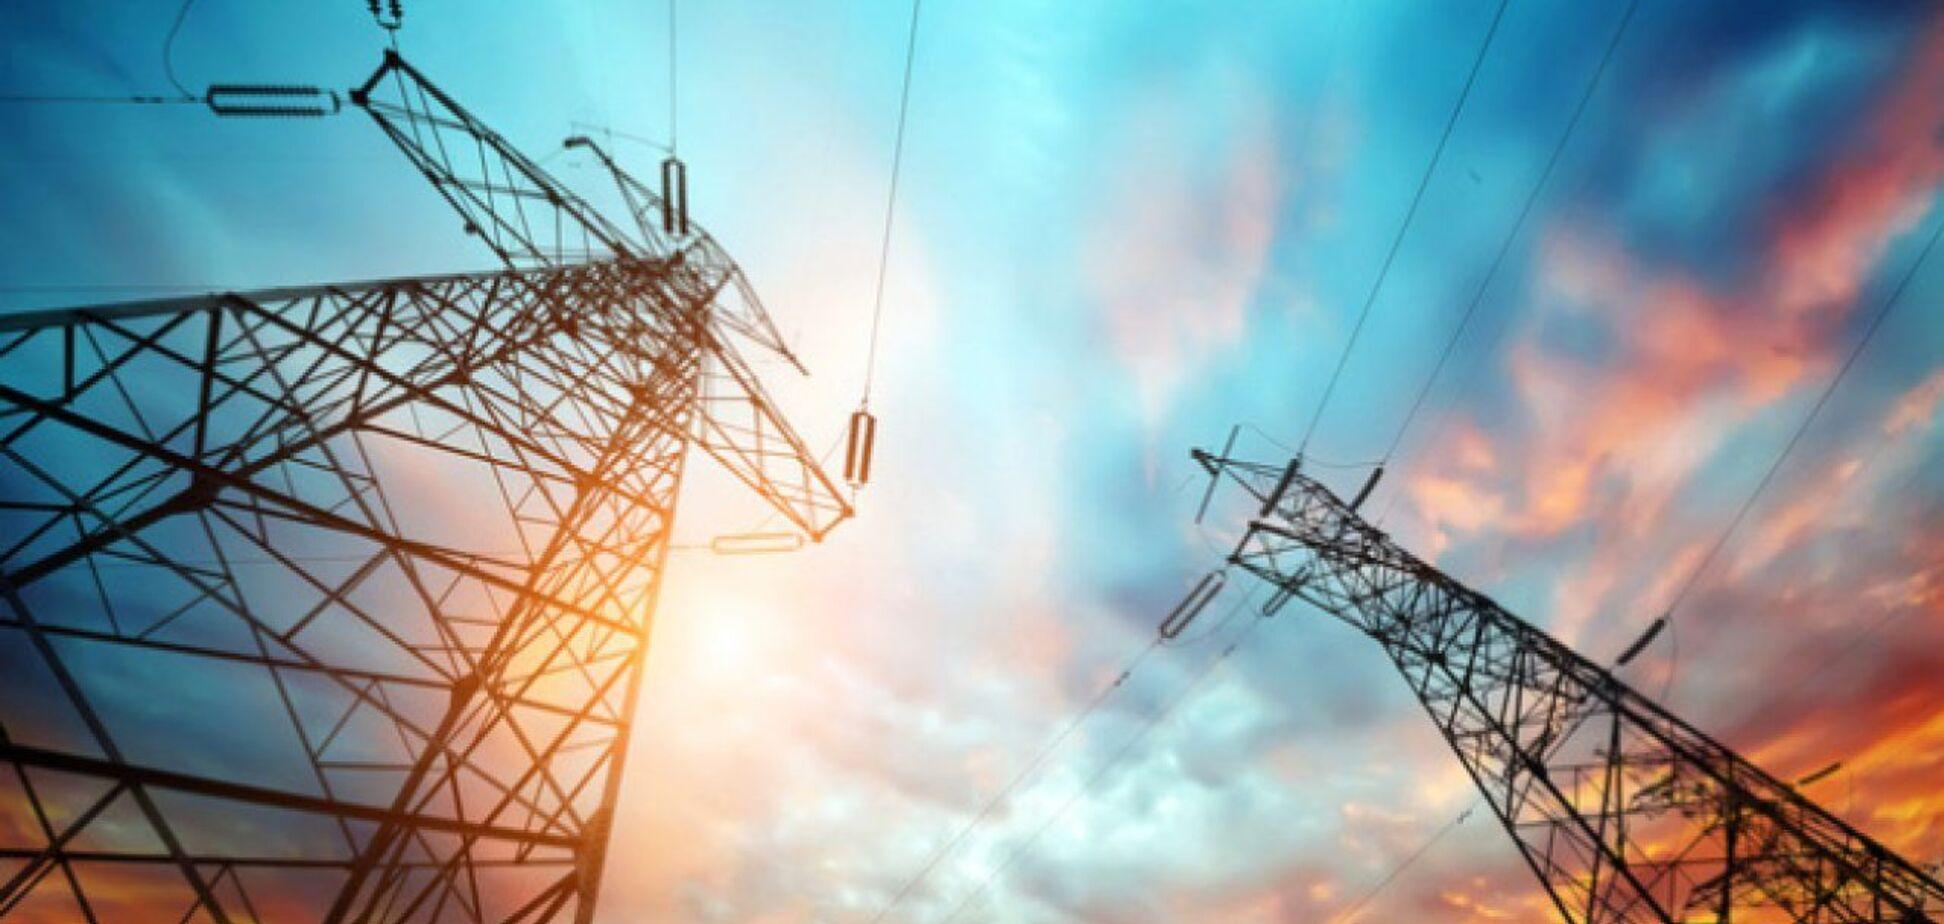 Надмірне втручання НКРЕКП стало ключовою проблемою для ринку електроенергії – експертна рада Міненерго